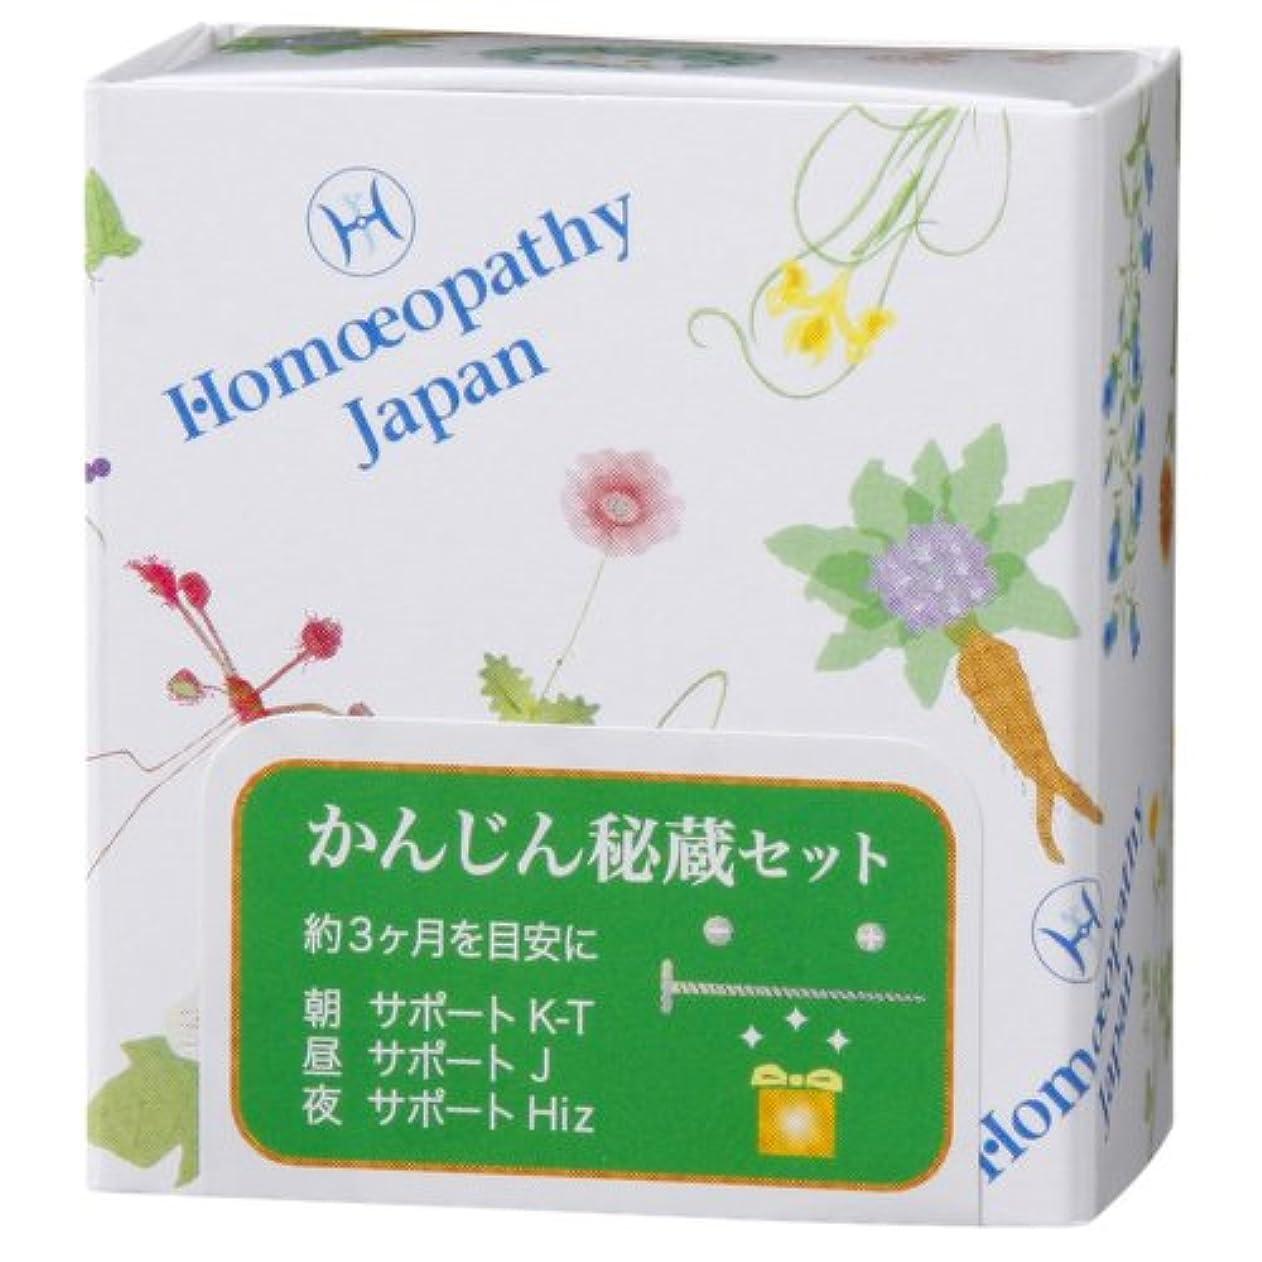 ホメオパシージャパンレメディー かんじん秘蔵セット